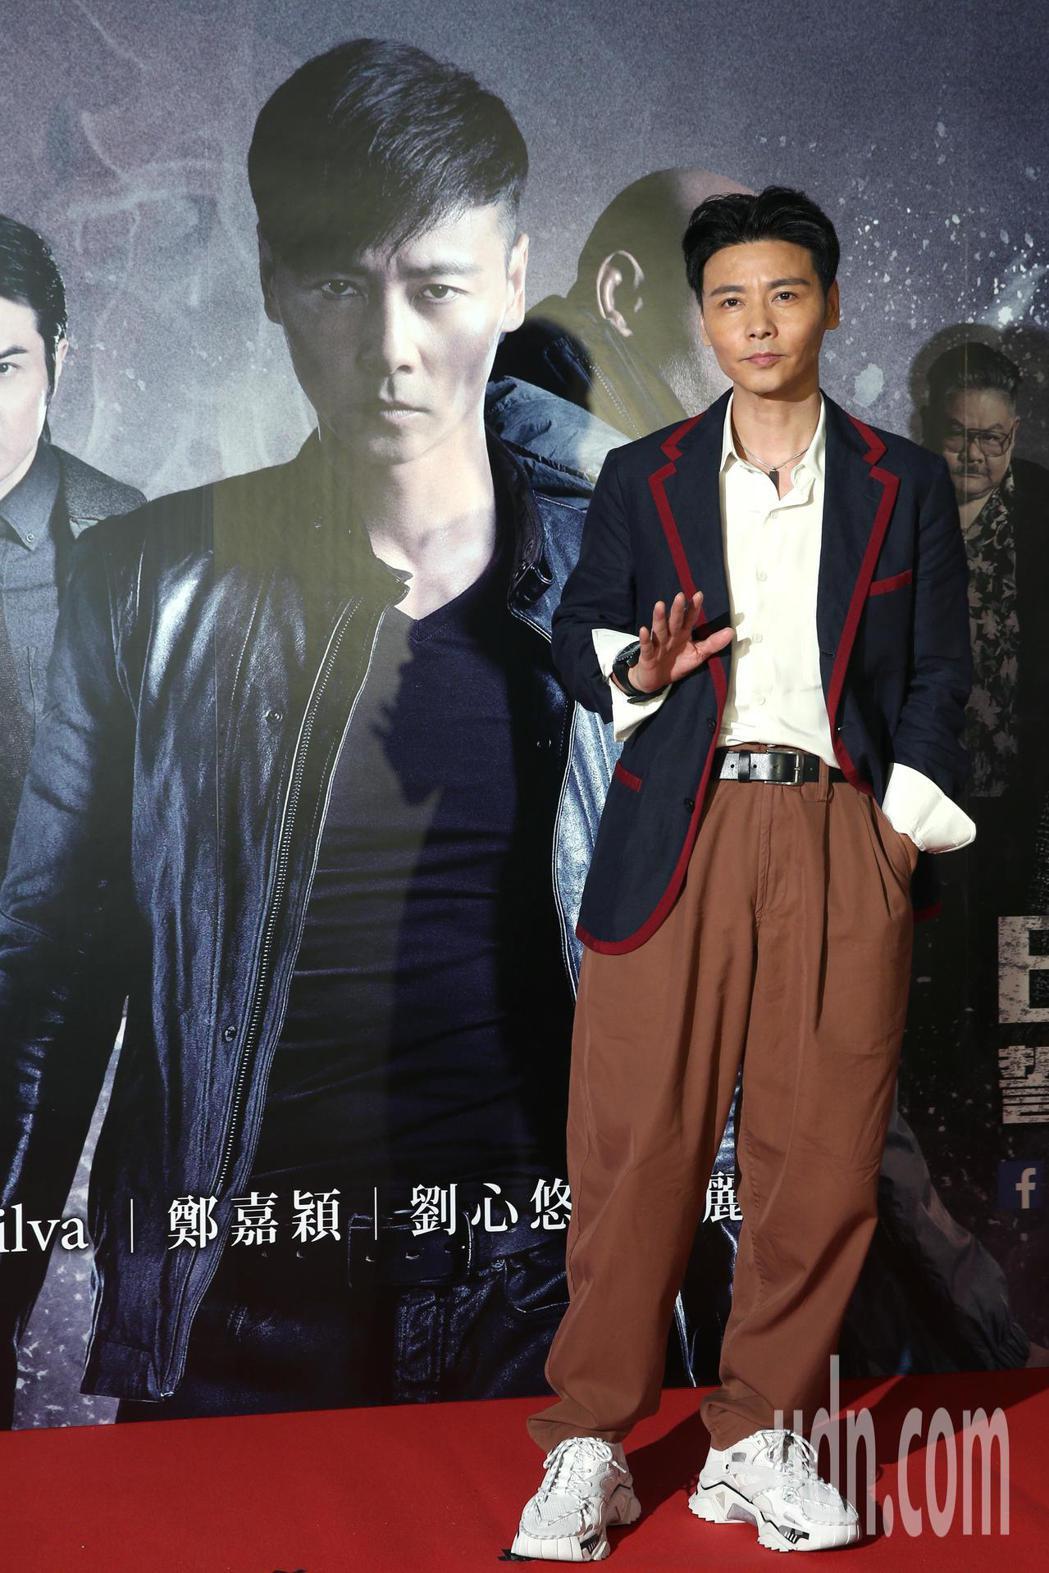 動作巨星張晉下午出席電影《九龍不敗》記者會,分享他的瘦身秘訣就是保持運動。記者蘇...